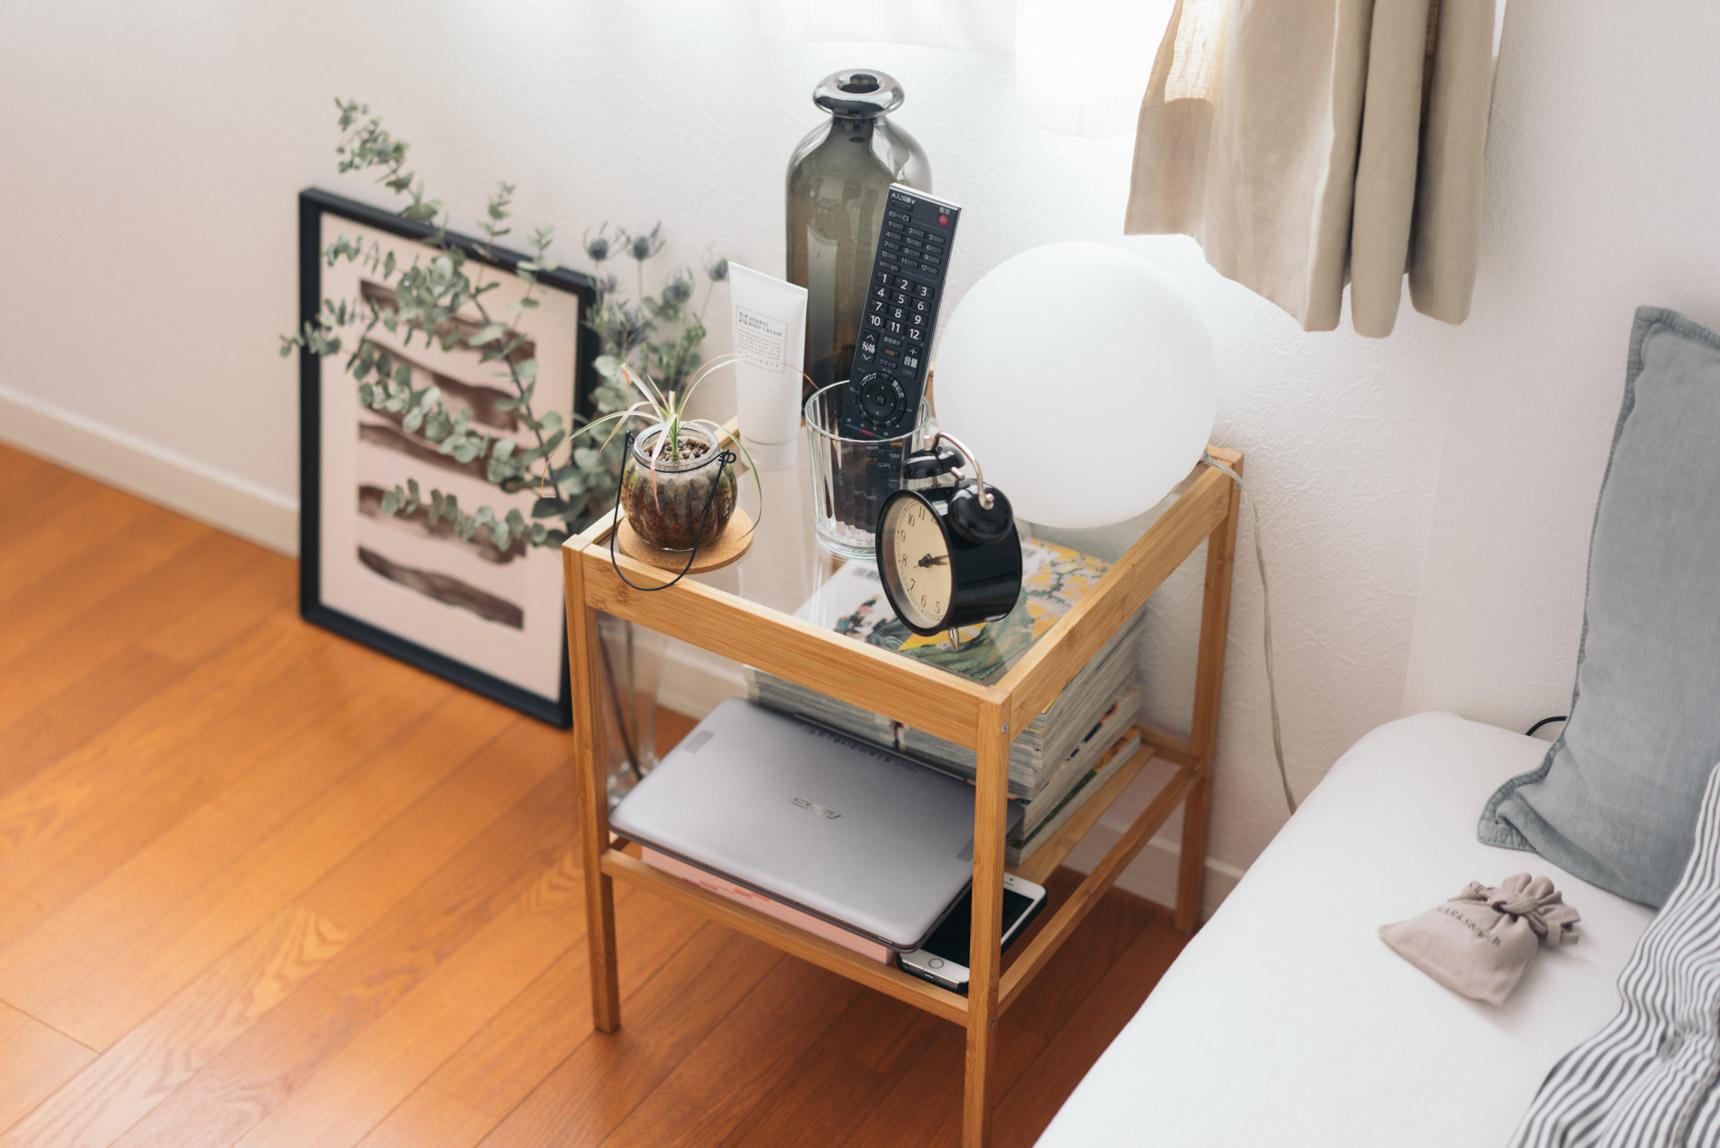 こちら「NESNA」のベッドサイドテーブルはなんとお値段1,999円。木とガラスでできていて、ちょっと本やパソコンを置くスペースもあり、便利です。